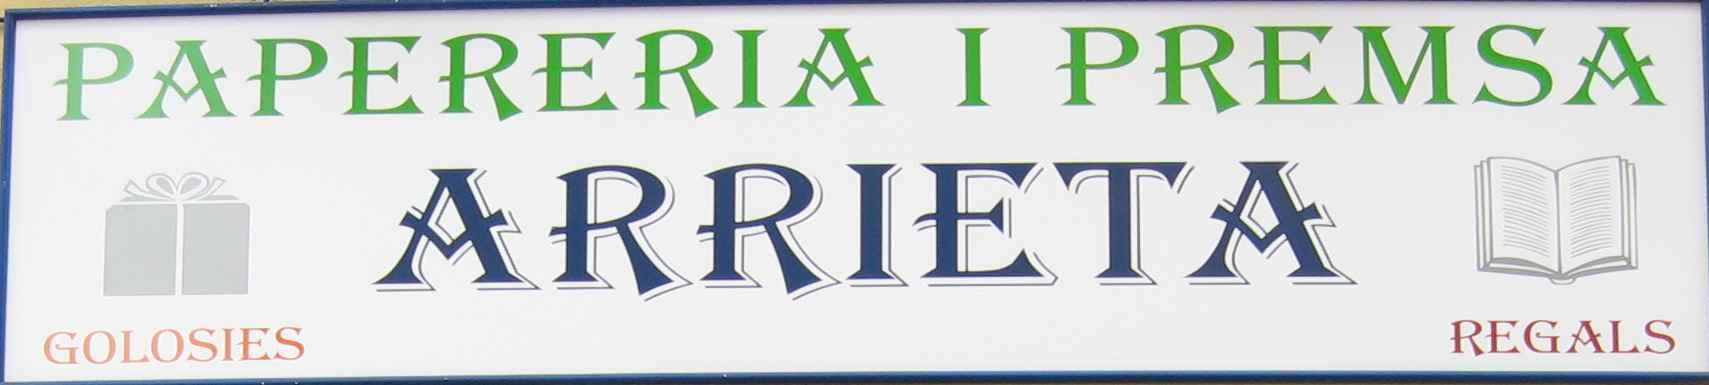 arrieta Fiebre Mediterránea Familiar